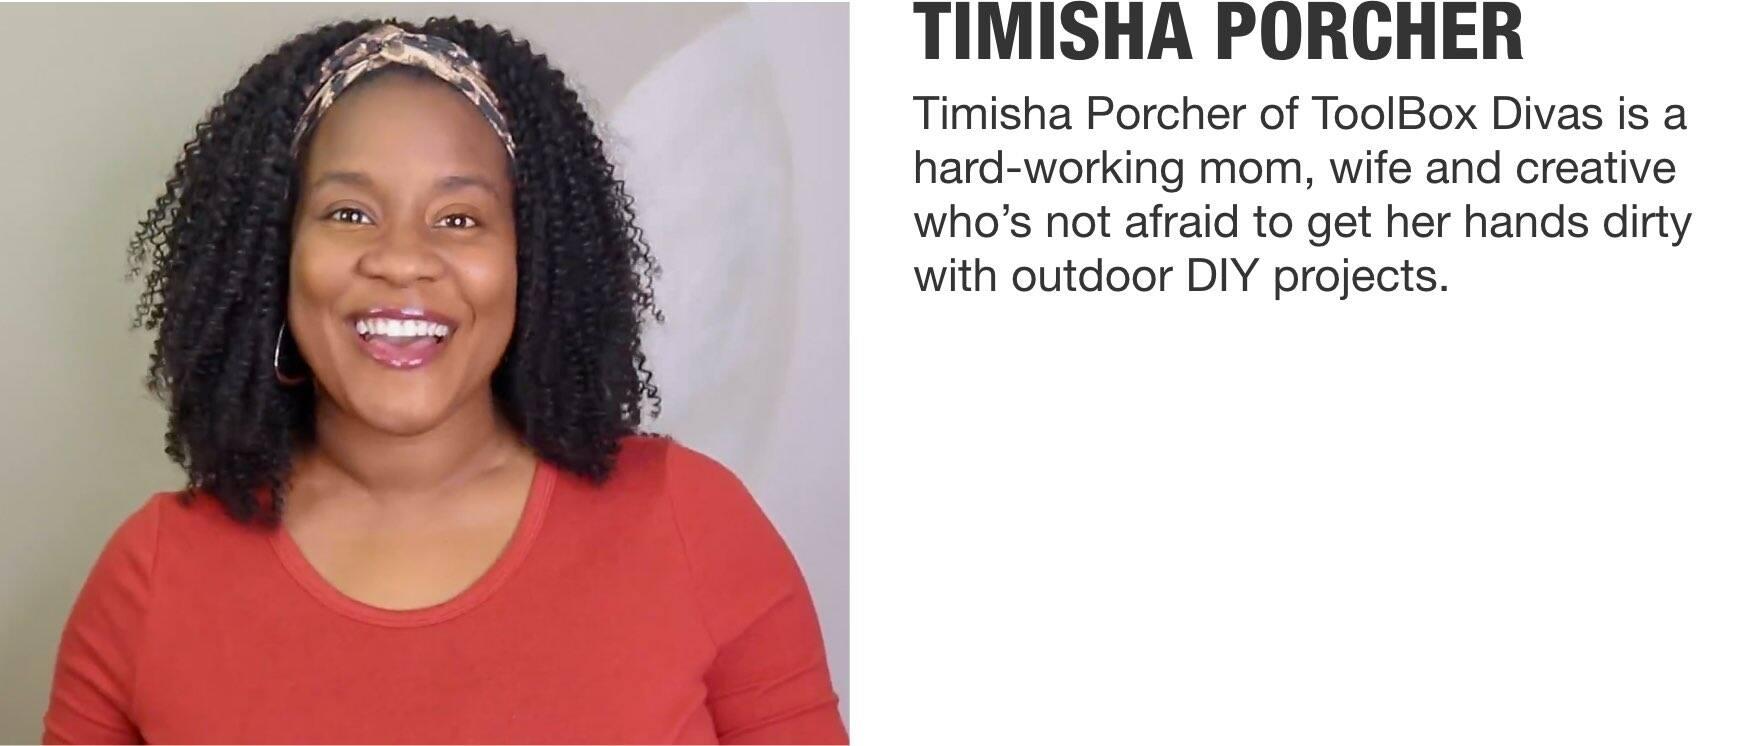 Timisha Porcher